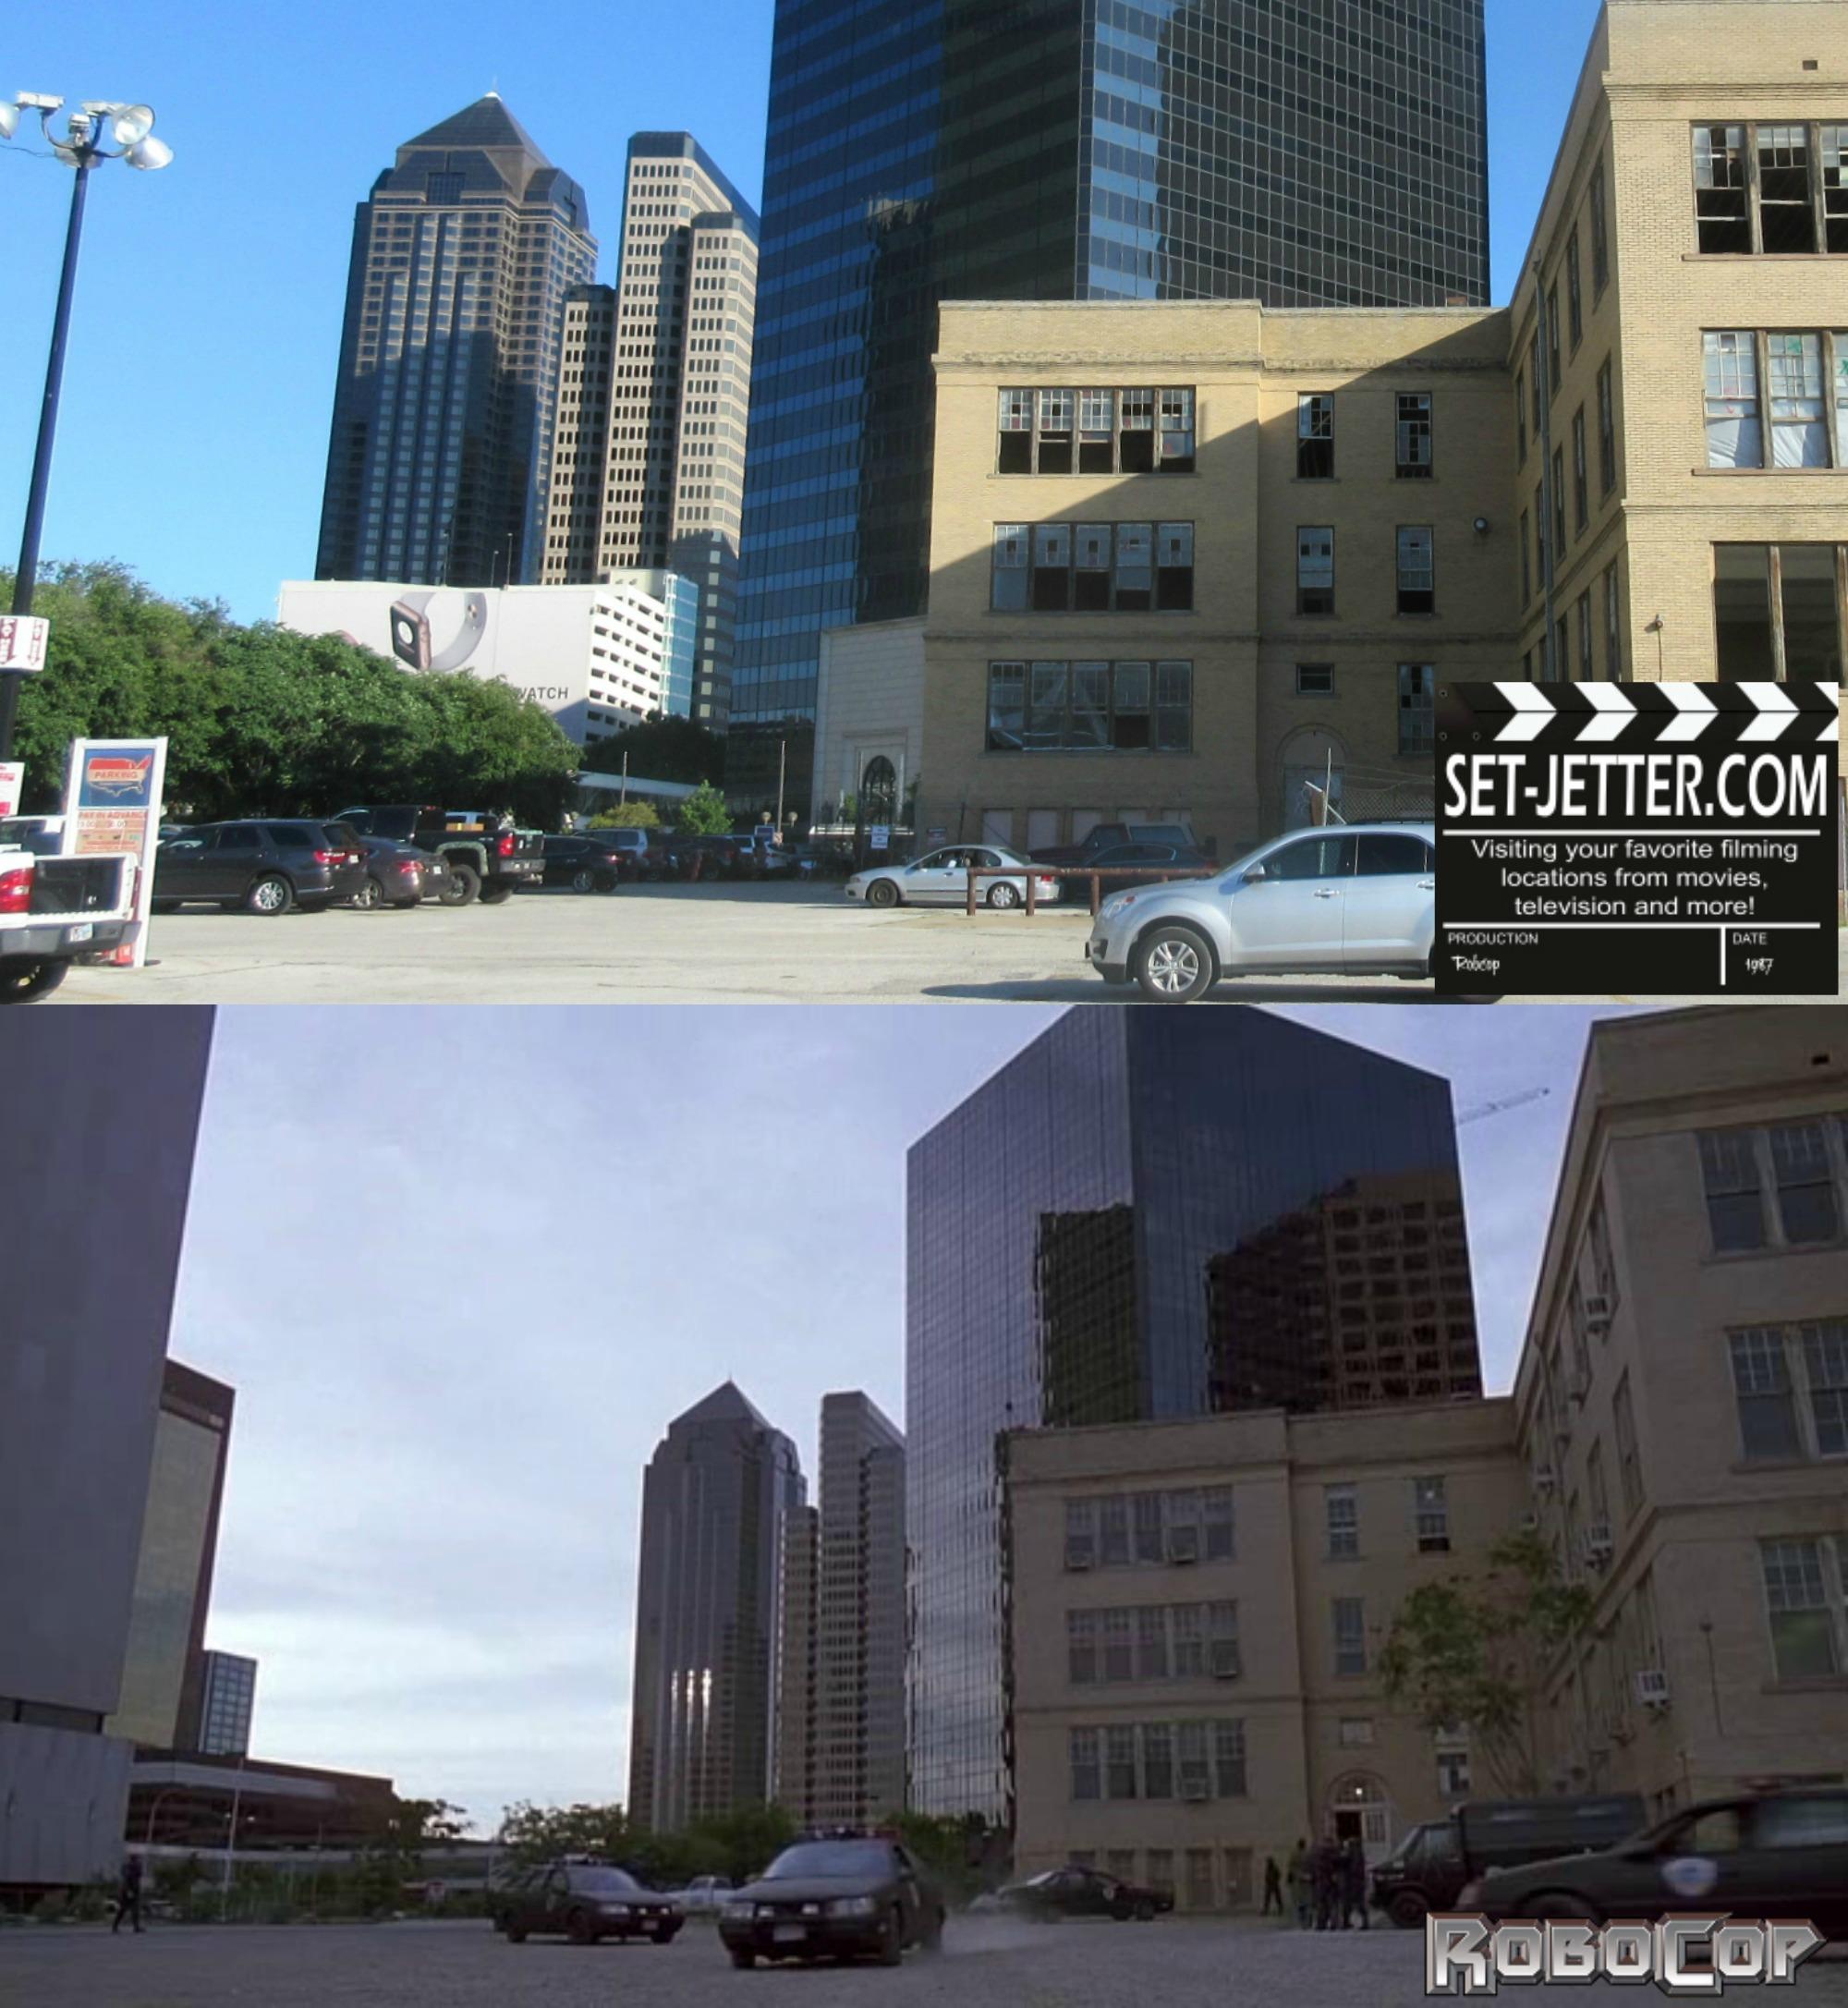 Robocop comparison 02.jpg